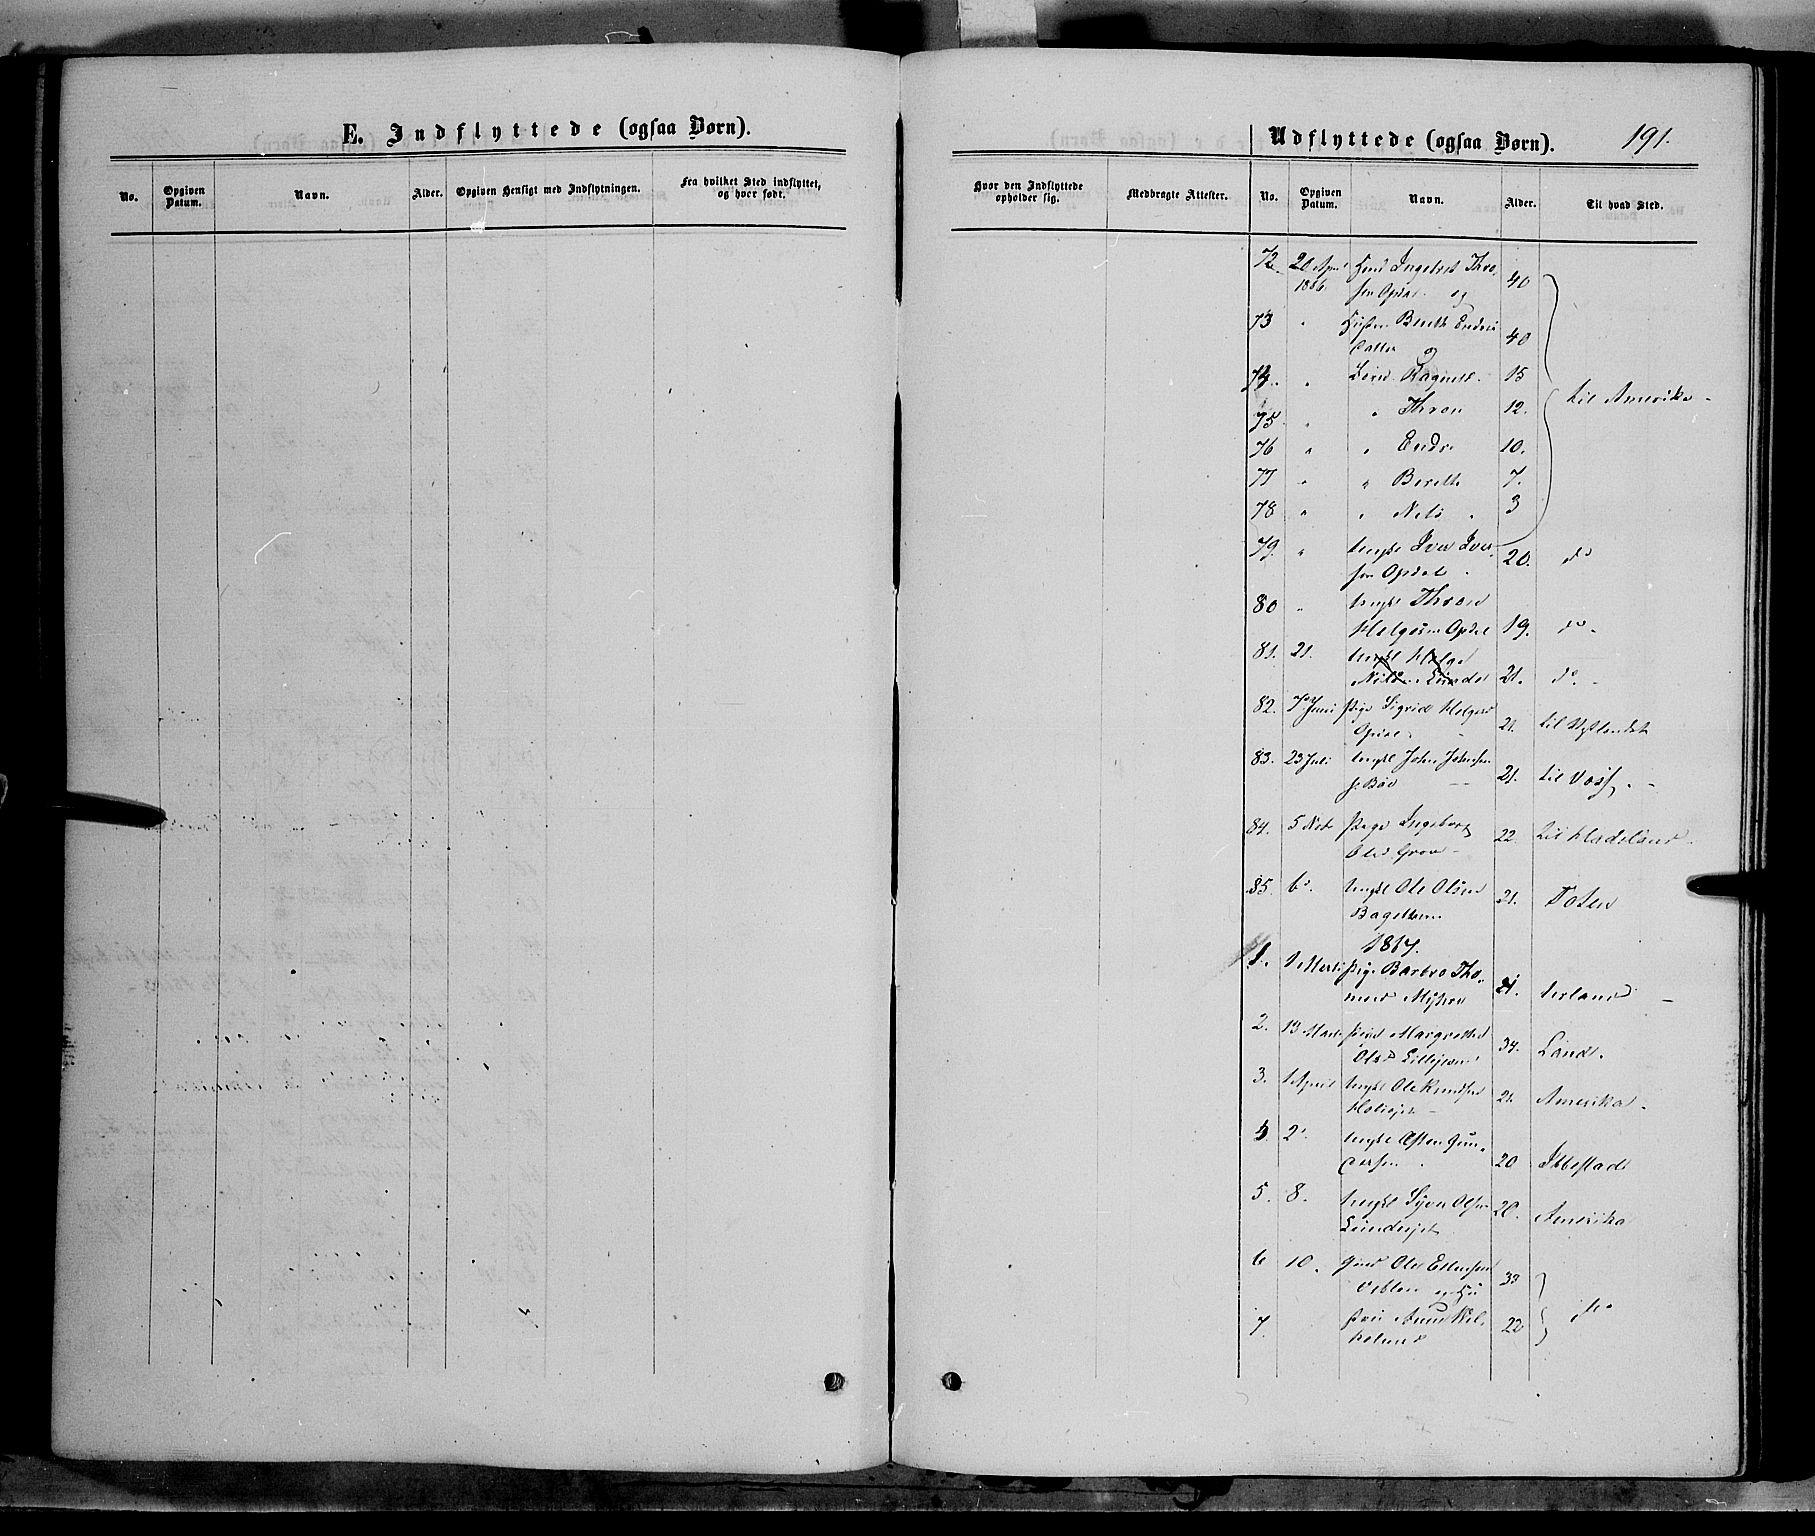 SAH, Vang prestekontor, Valdres, Ministerialbok nr. 7, 1865-1881, s. 191